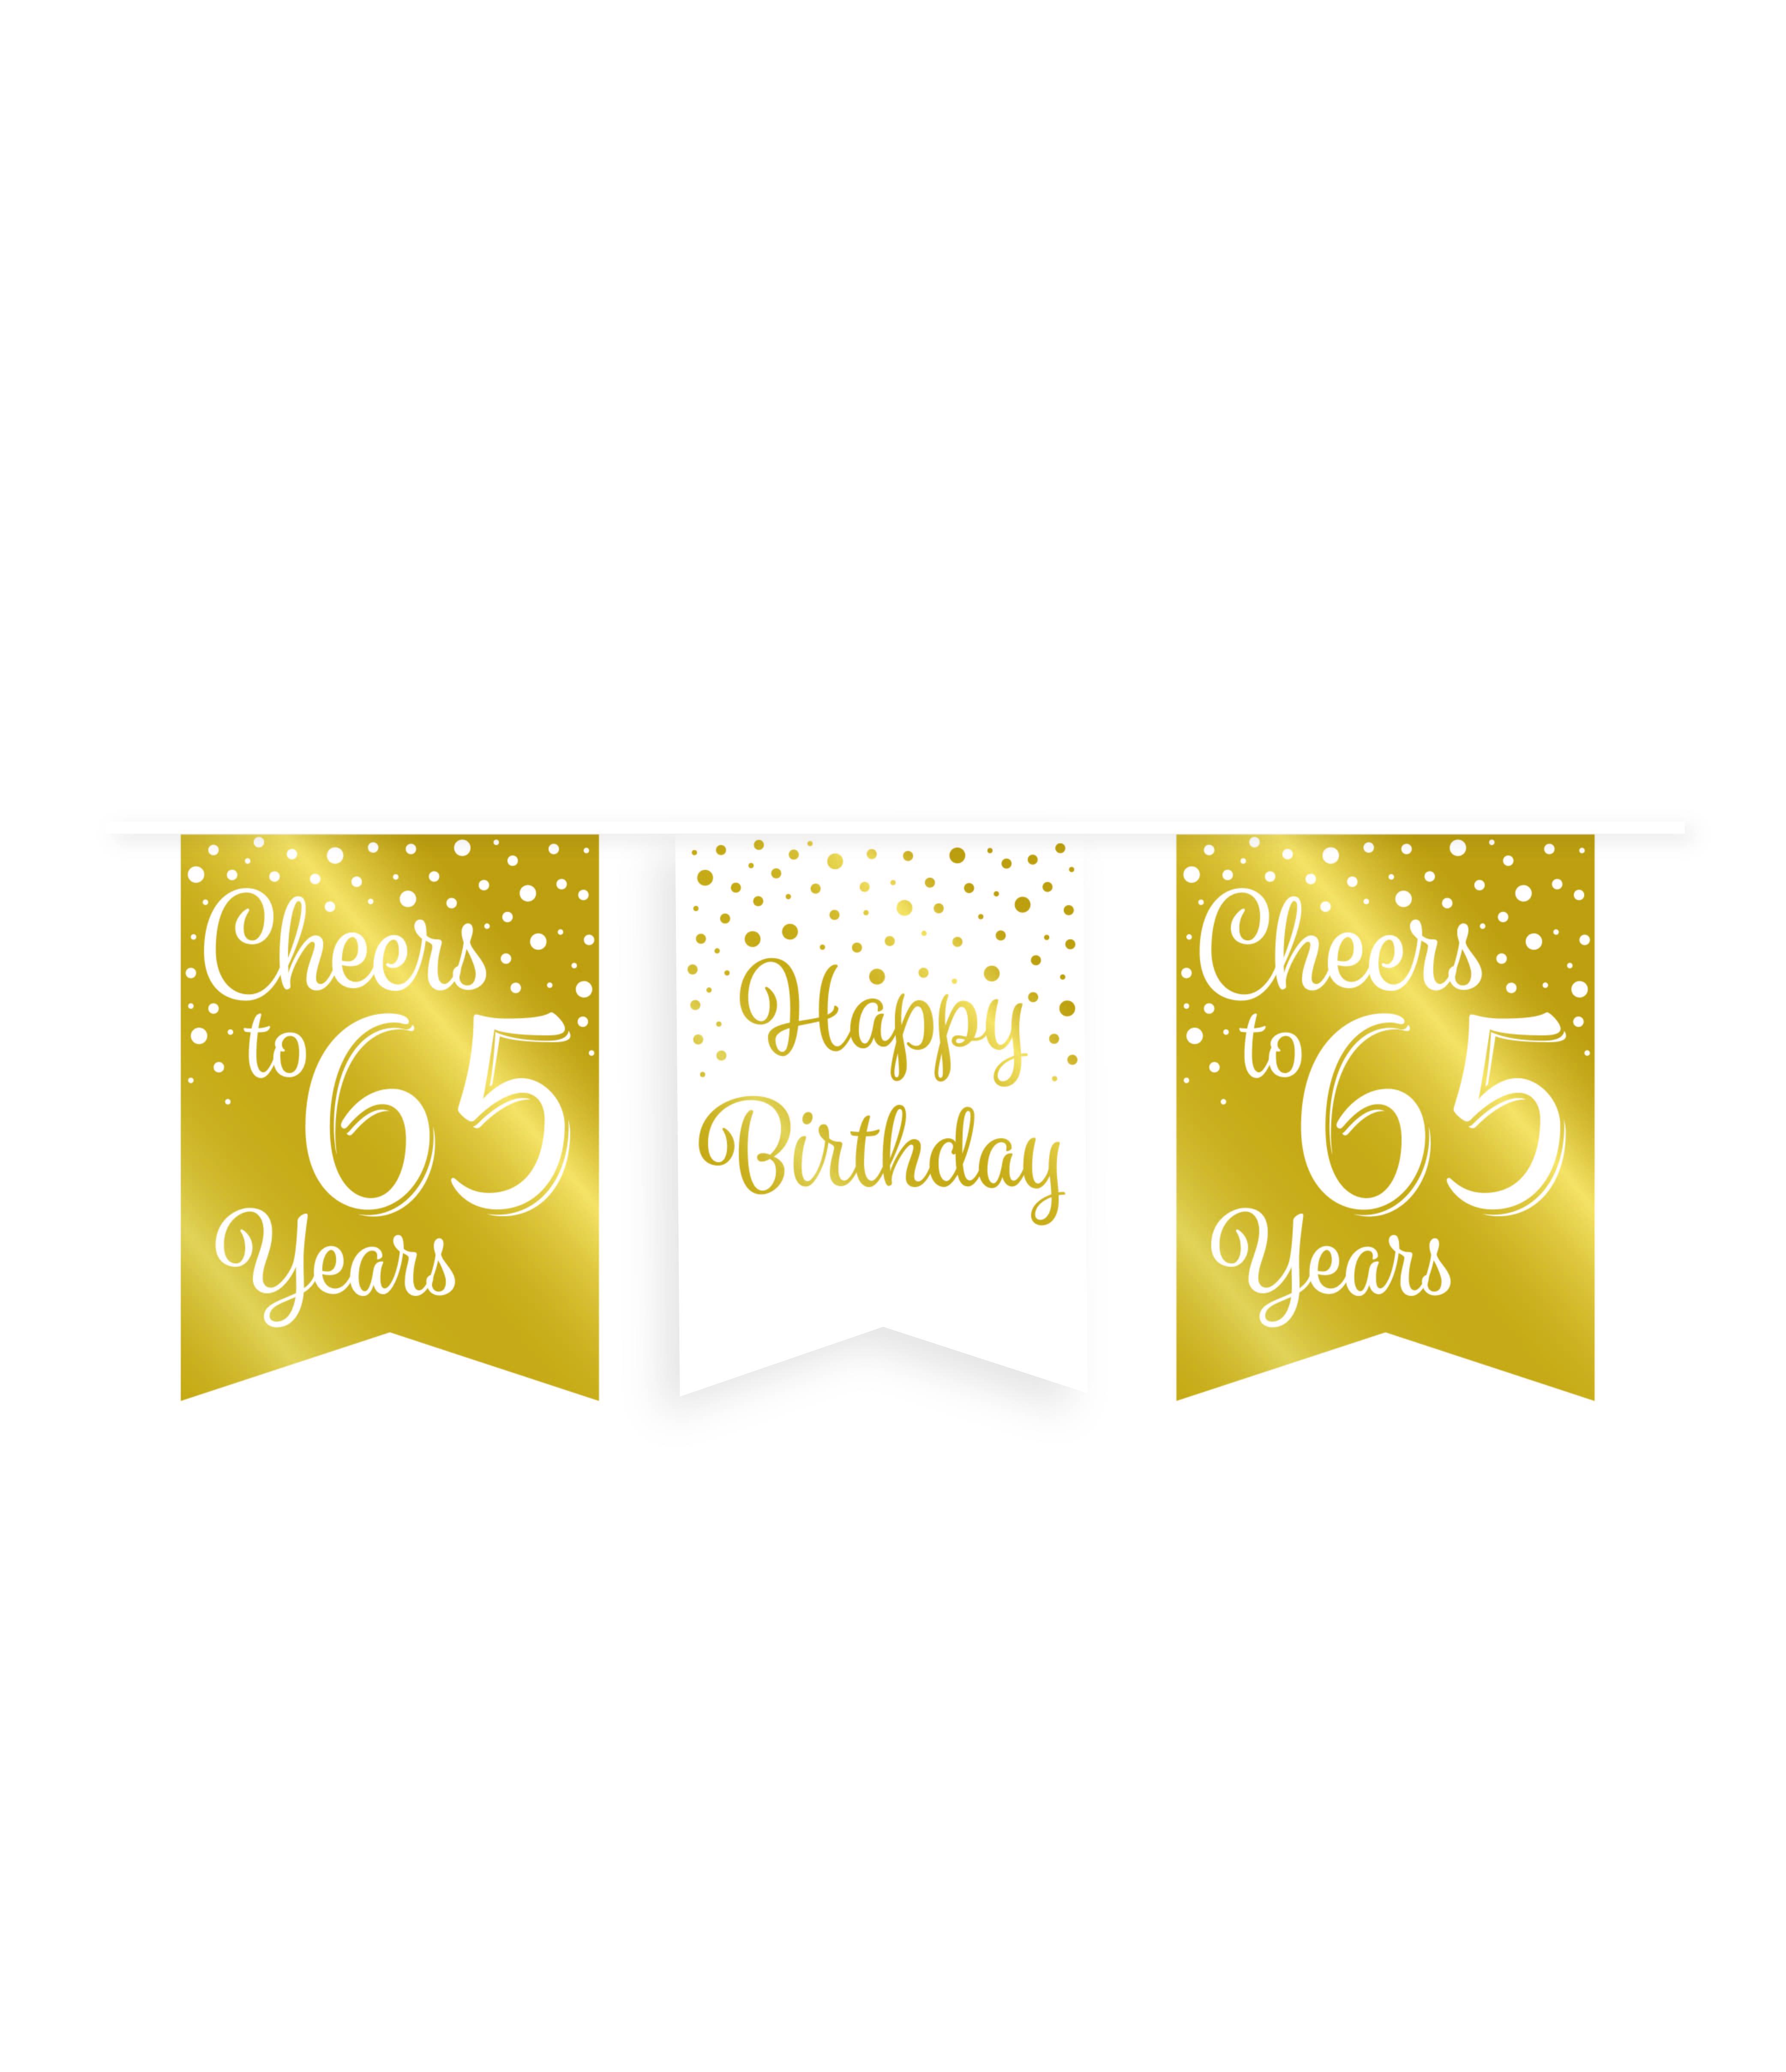 6m Vlaggenlijn Goud/Wit Cheers to 65 Years